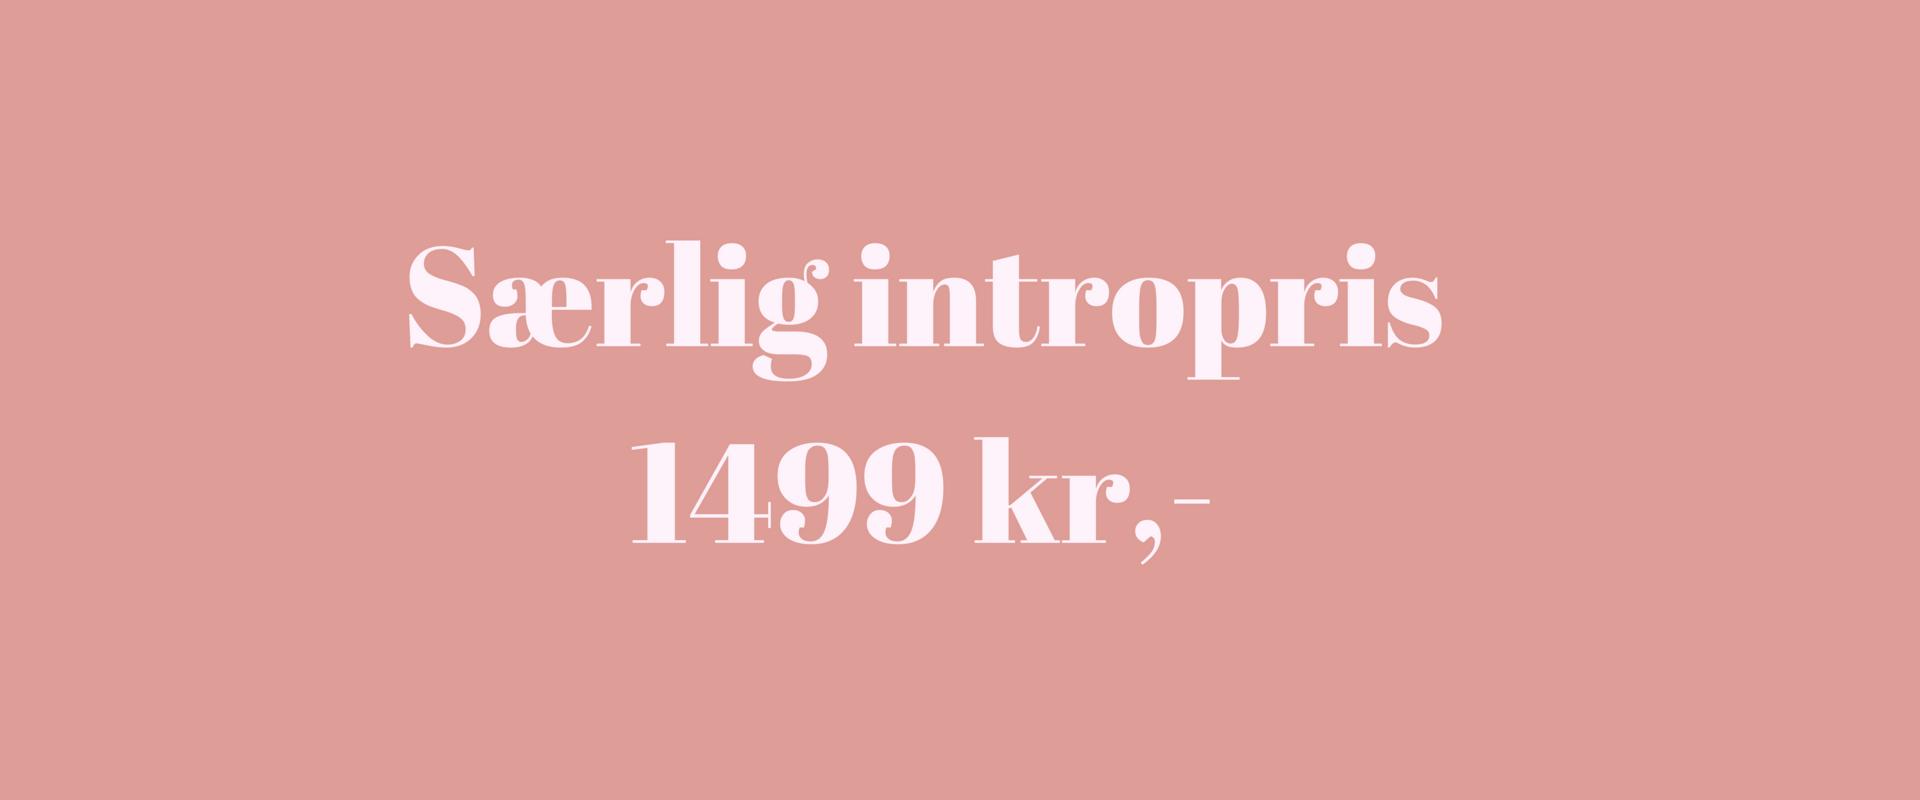 Særlig intropris.png